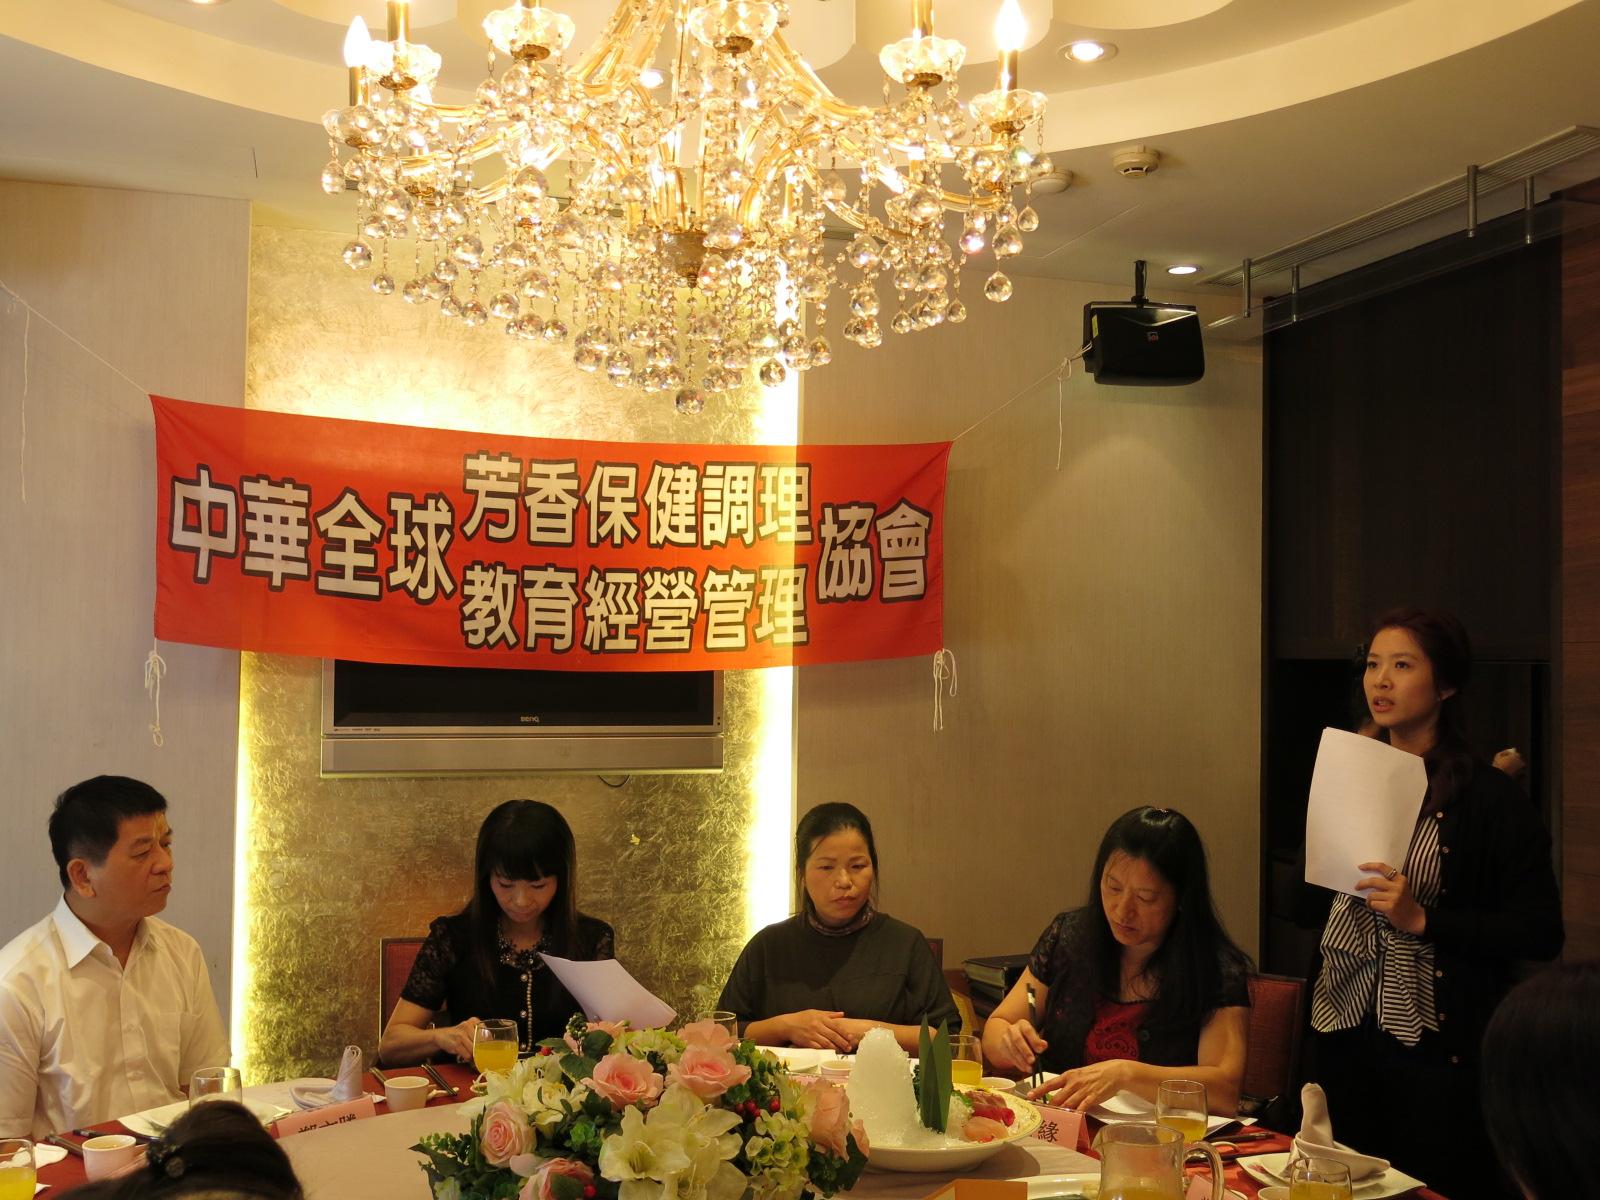 中華全球芳香保健調理教育經營管理協會 第一屆 第四次 理監事會議 - 高雄按摩,高雄按摩推薦,高雄spa推薦